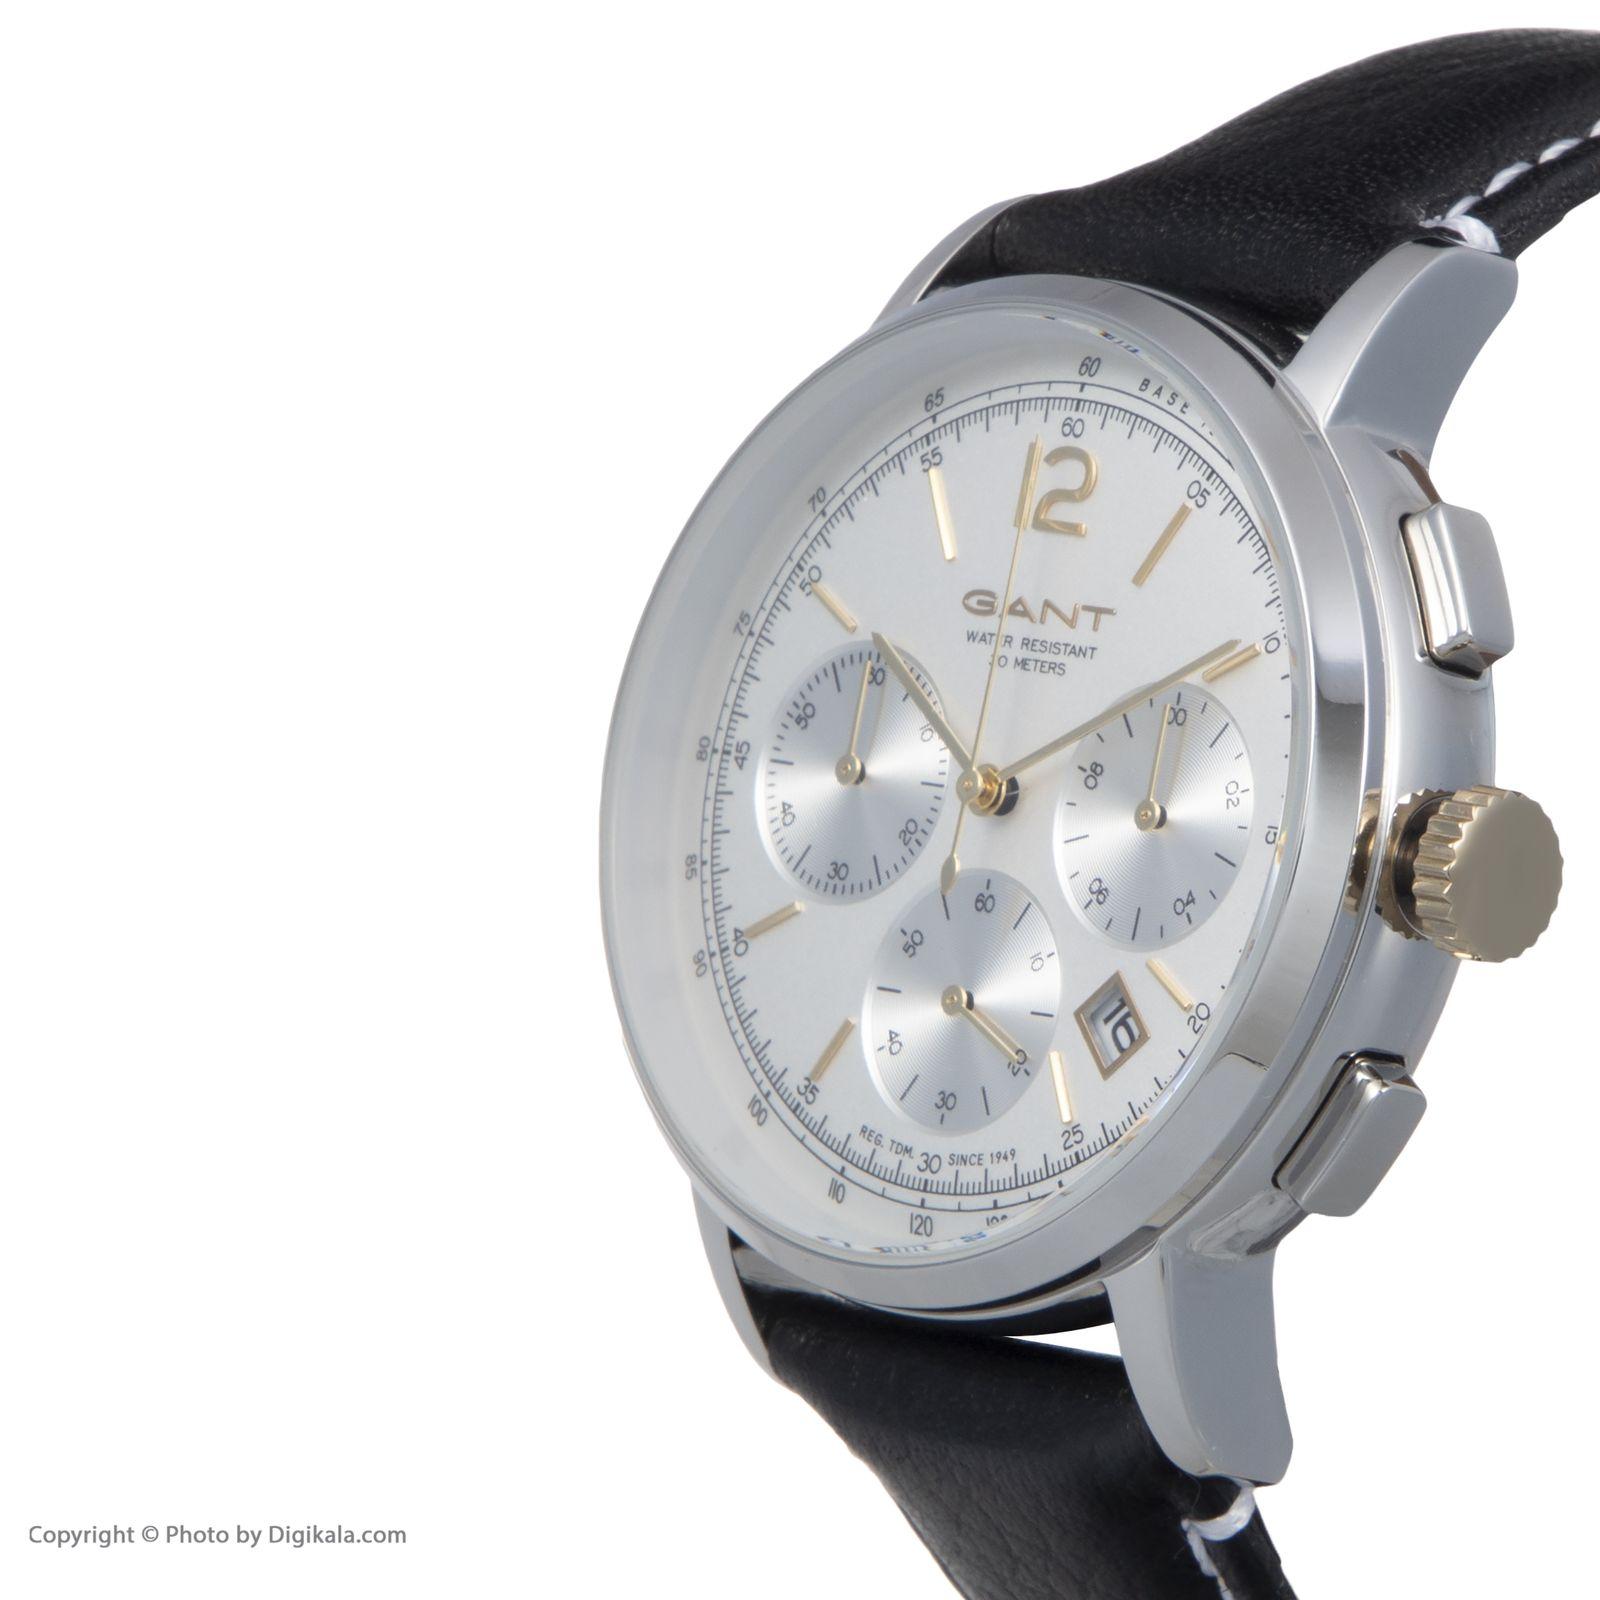 ساعت مچی عقربه ای مردانه گنت مدل GWW079002 -  - 4